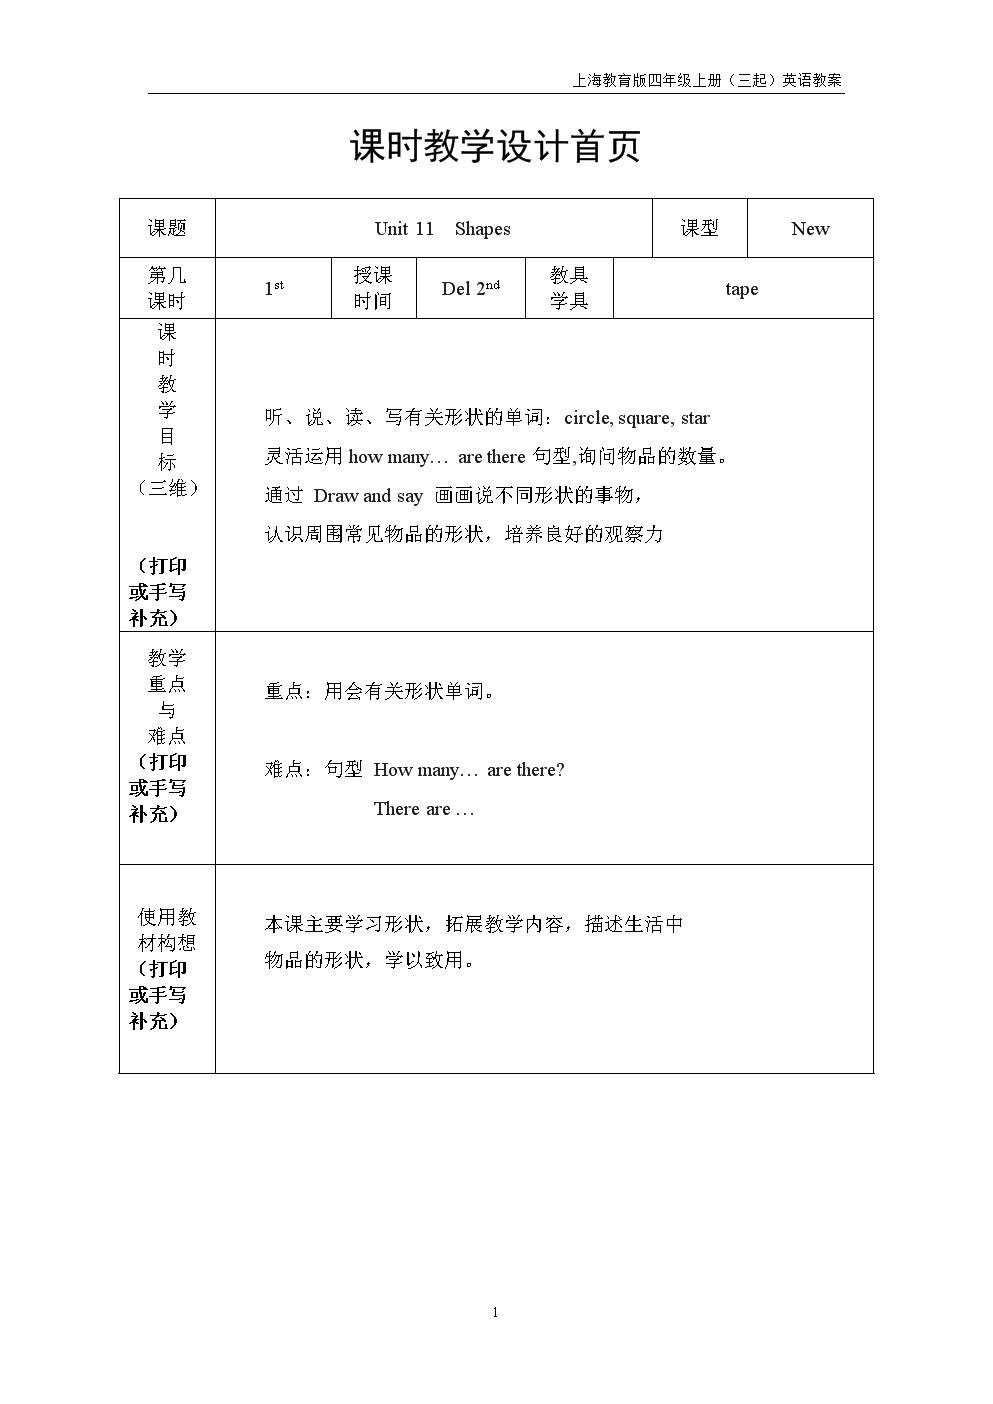 上海v形式版英语四形式年级Unit11《Shapes》上册创新的备课图片